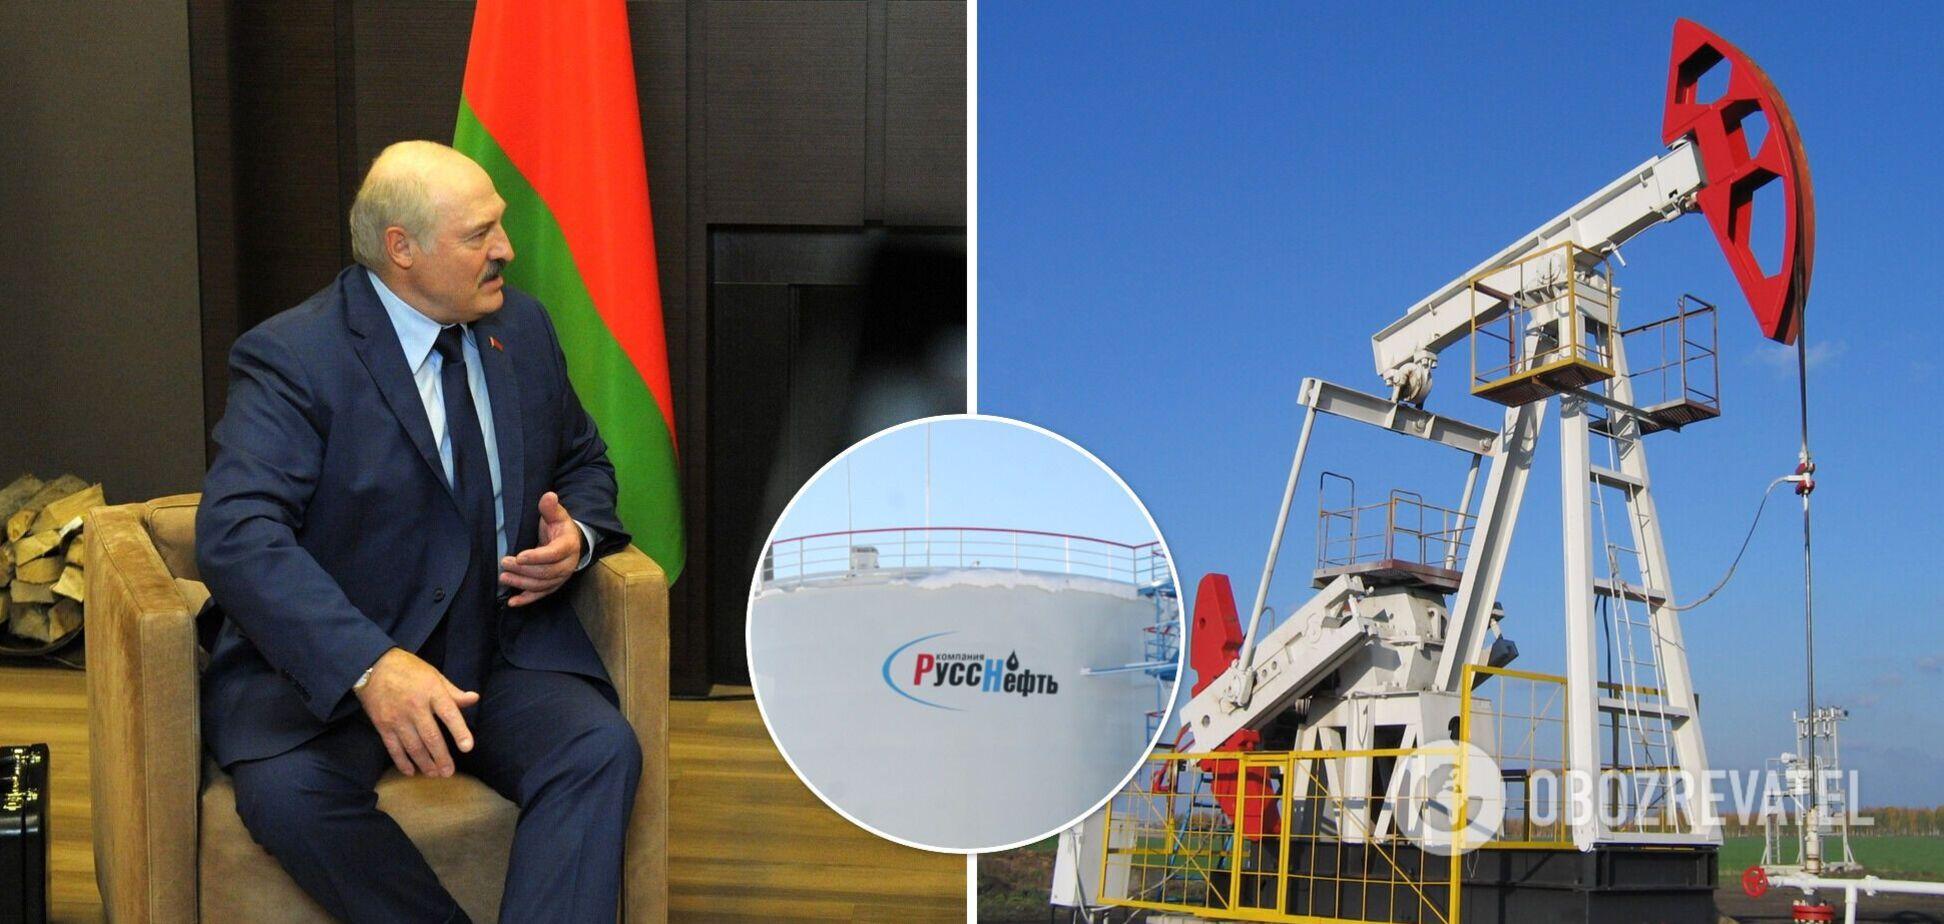 Санкции против Лукашенко помешали 'Русснефти'